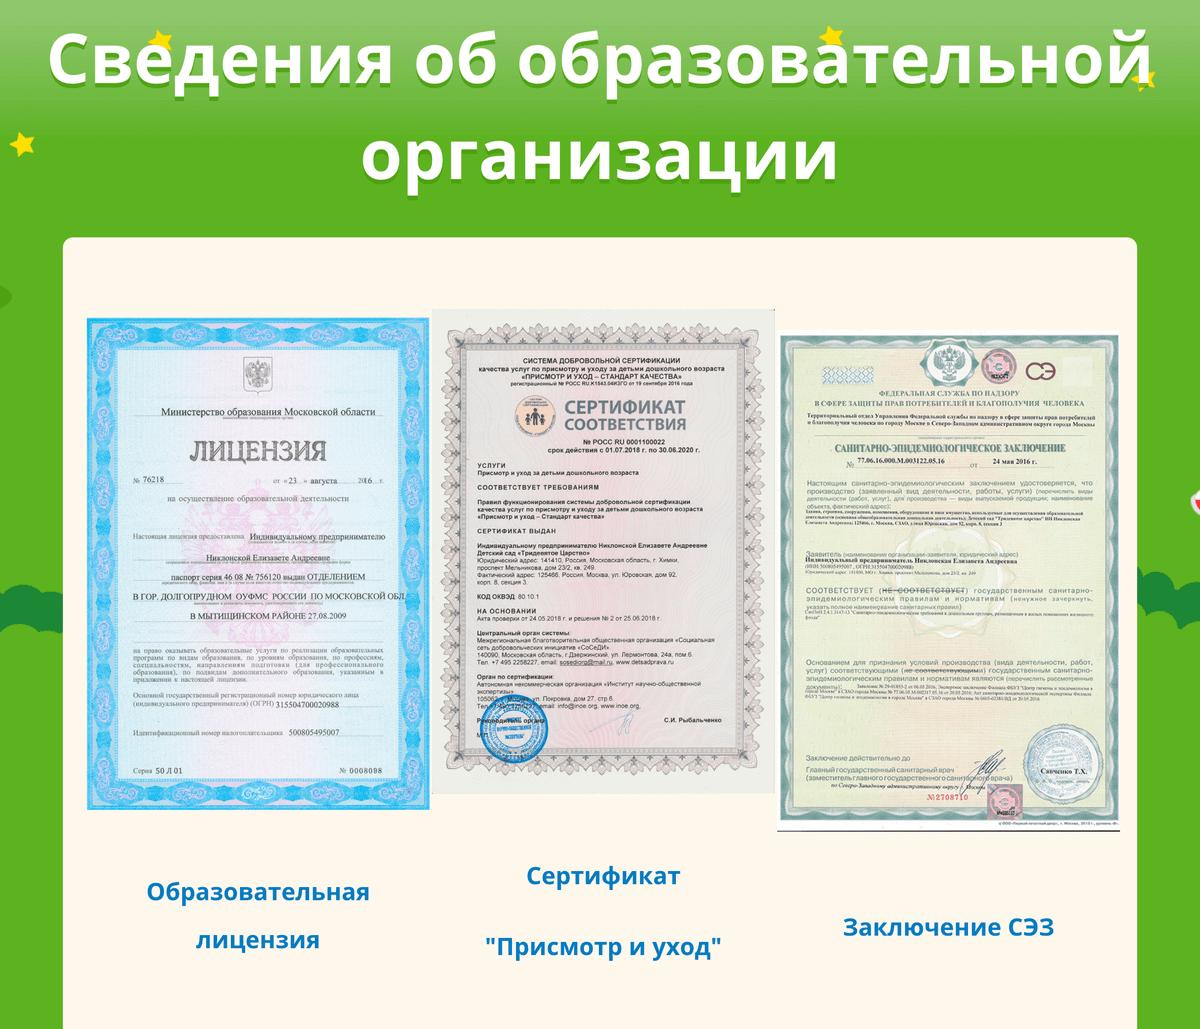 Обычно детские сады выкладывают лицензии на сайтах, в разделах «О нас», «Документы» или«Лицензии». Но если их там нет, можно попросить лицензию на экскурсии. Источник: «Тридевятое царство»